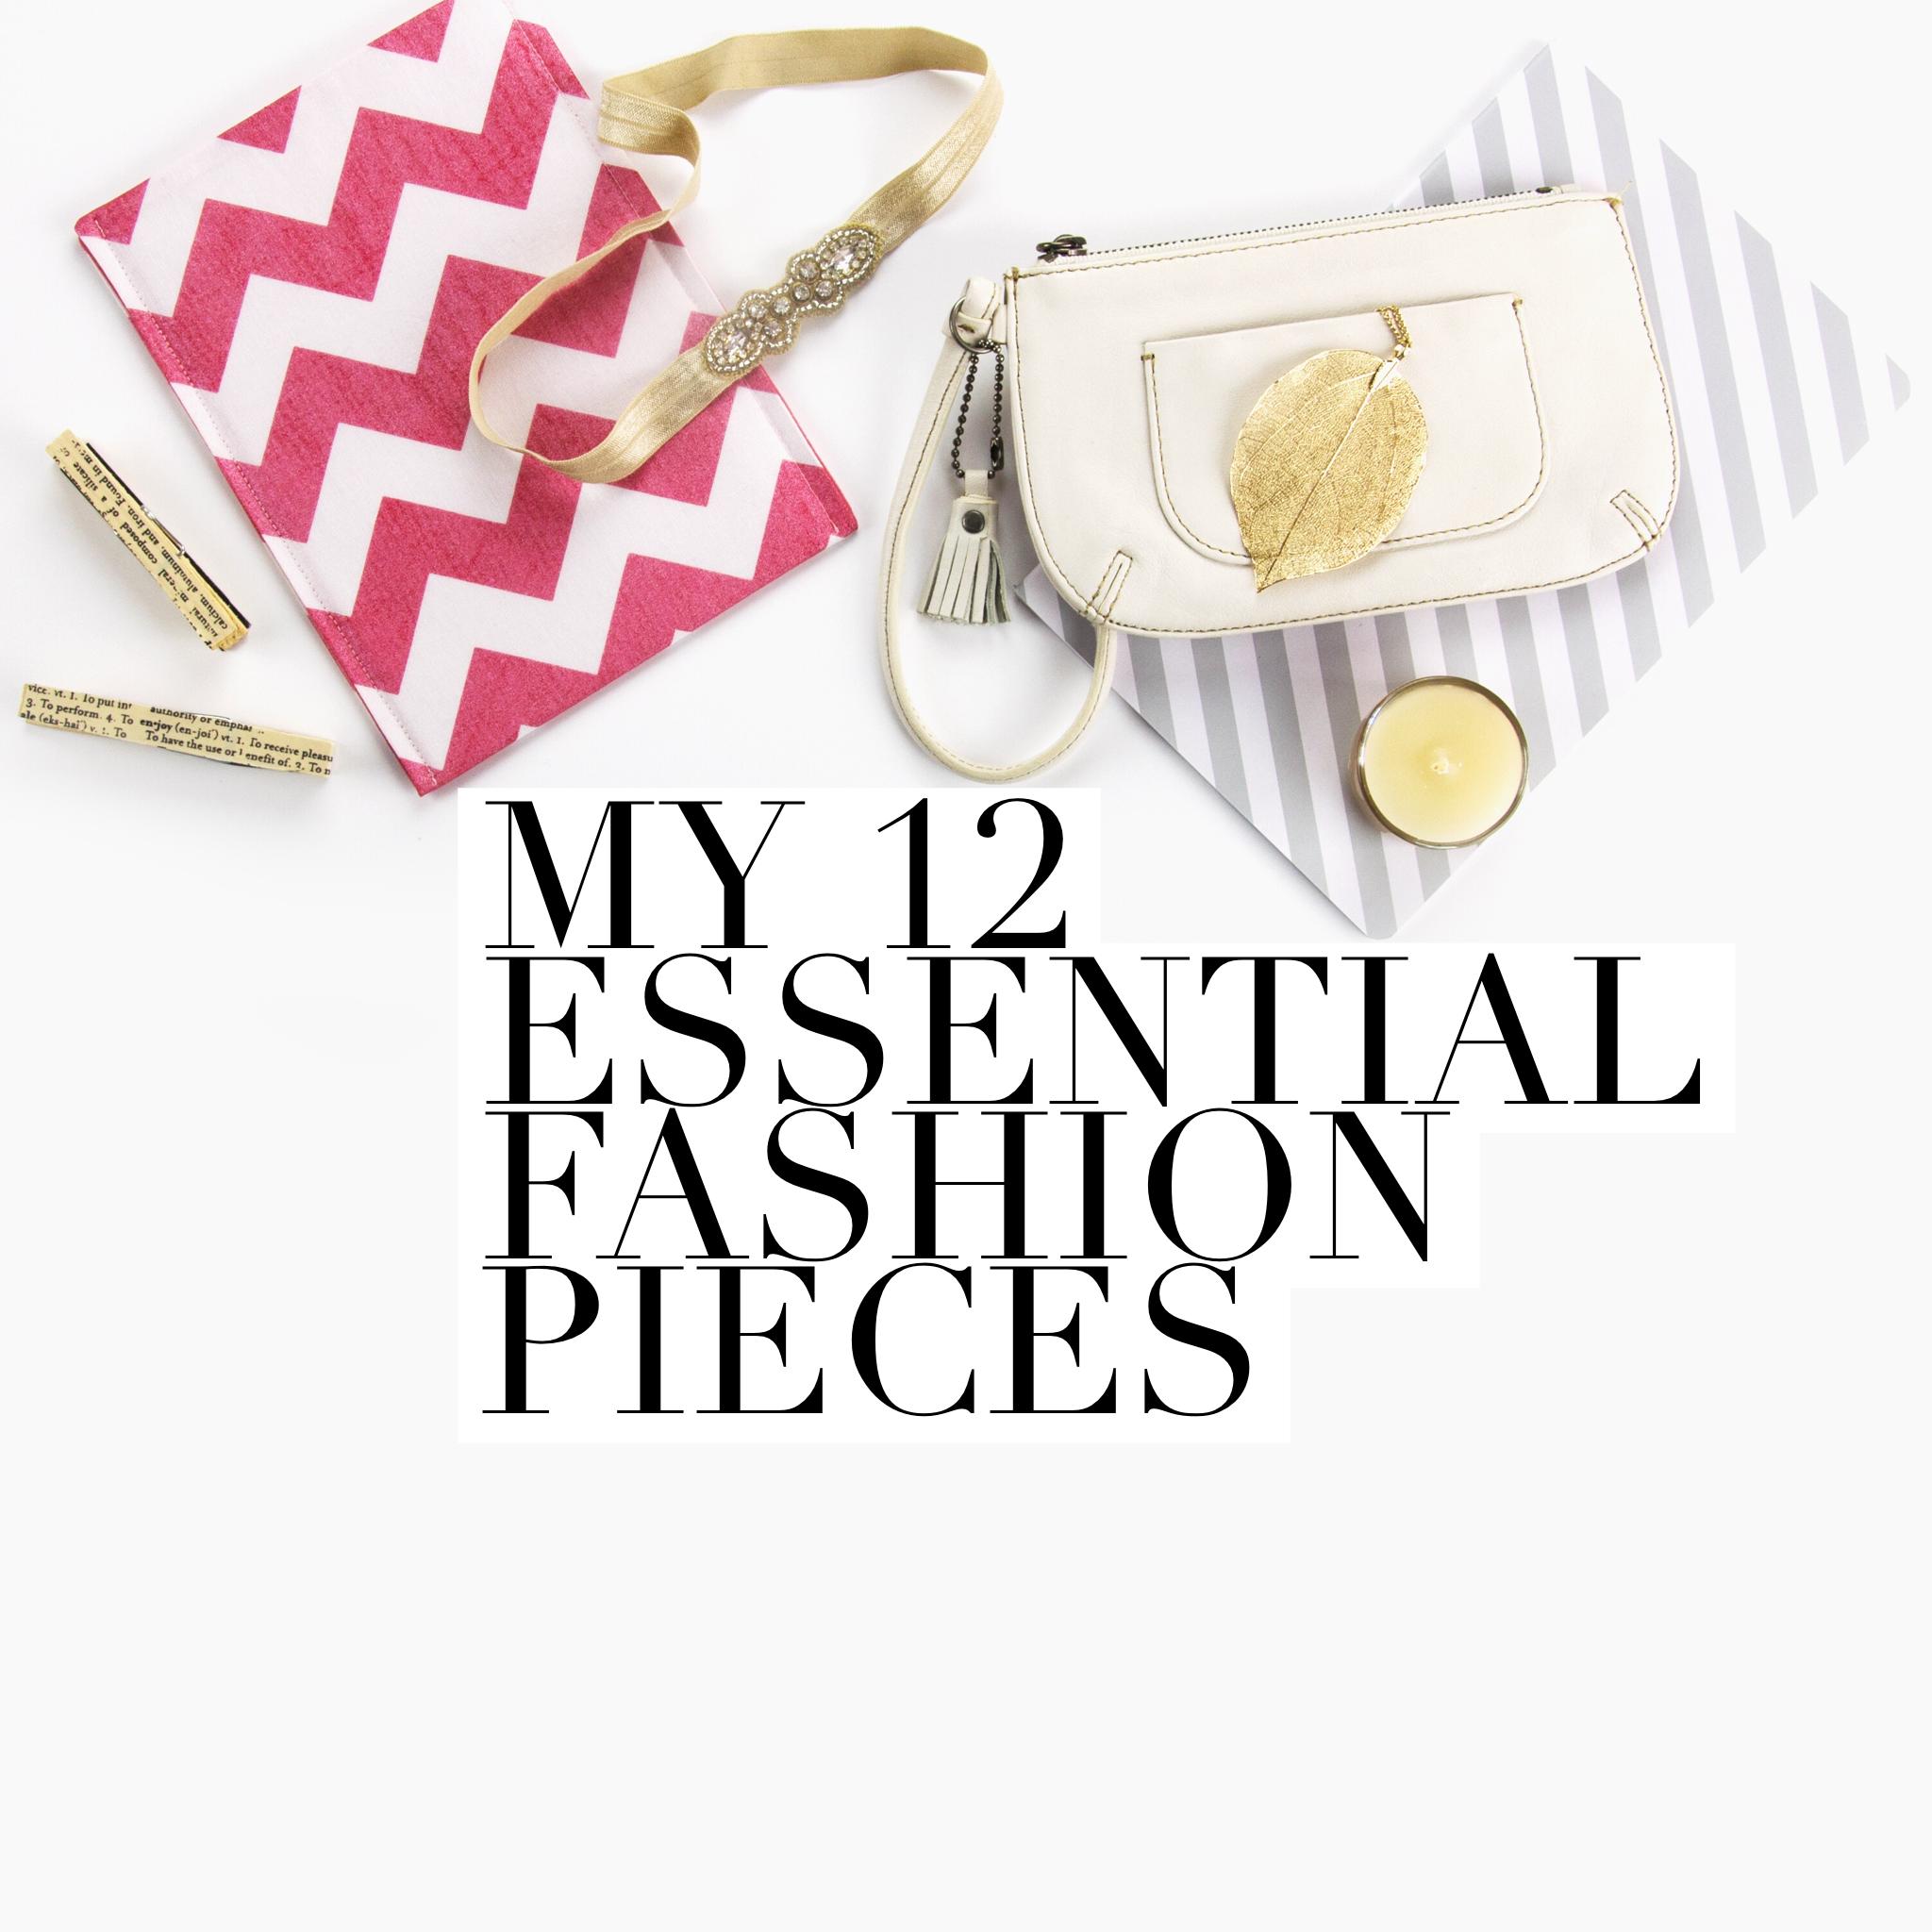 My 12 Essential Fashion Pieces